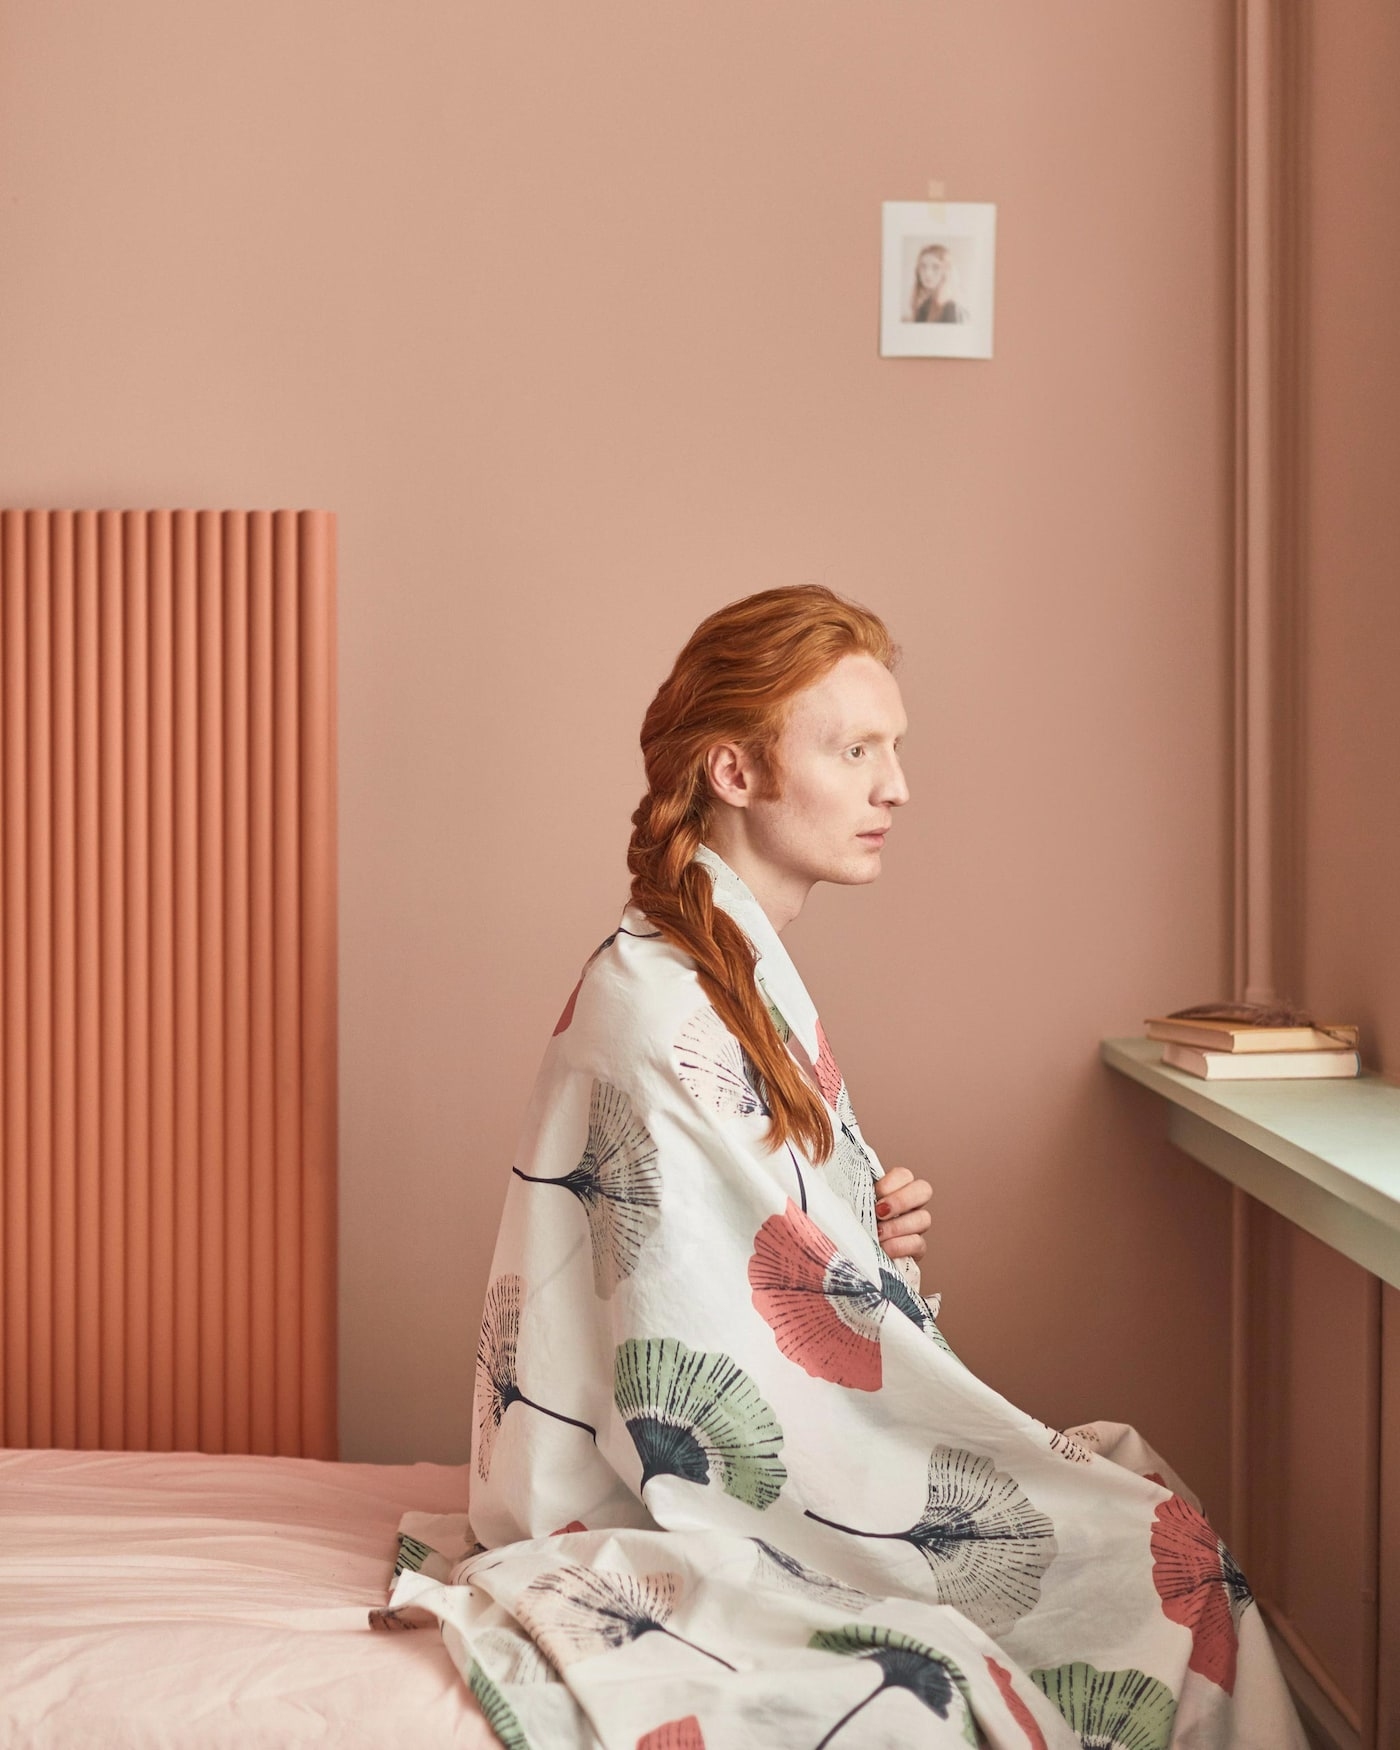 Wie Blumen in einem sommerlichen Feld – so leicht wirkt das TOVSIPPA Bettwäsche-Set. Sie verleiht deinem Schlafzimmer eine schöne blumige Note.